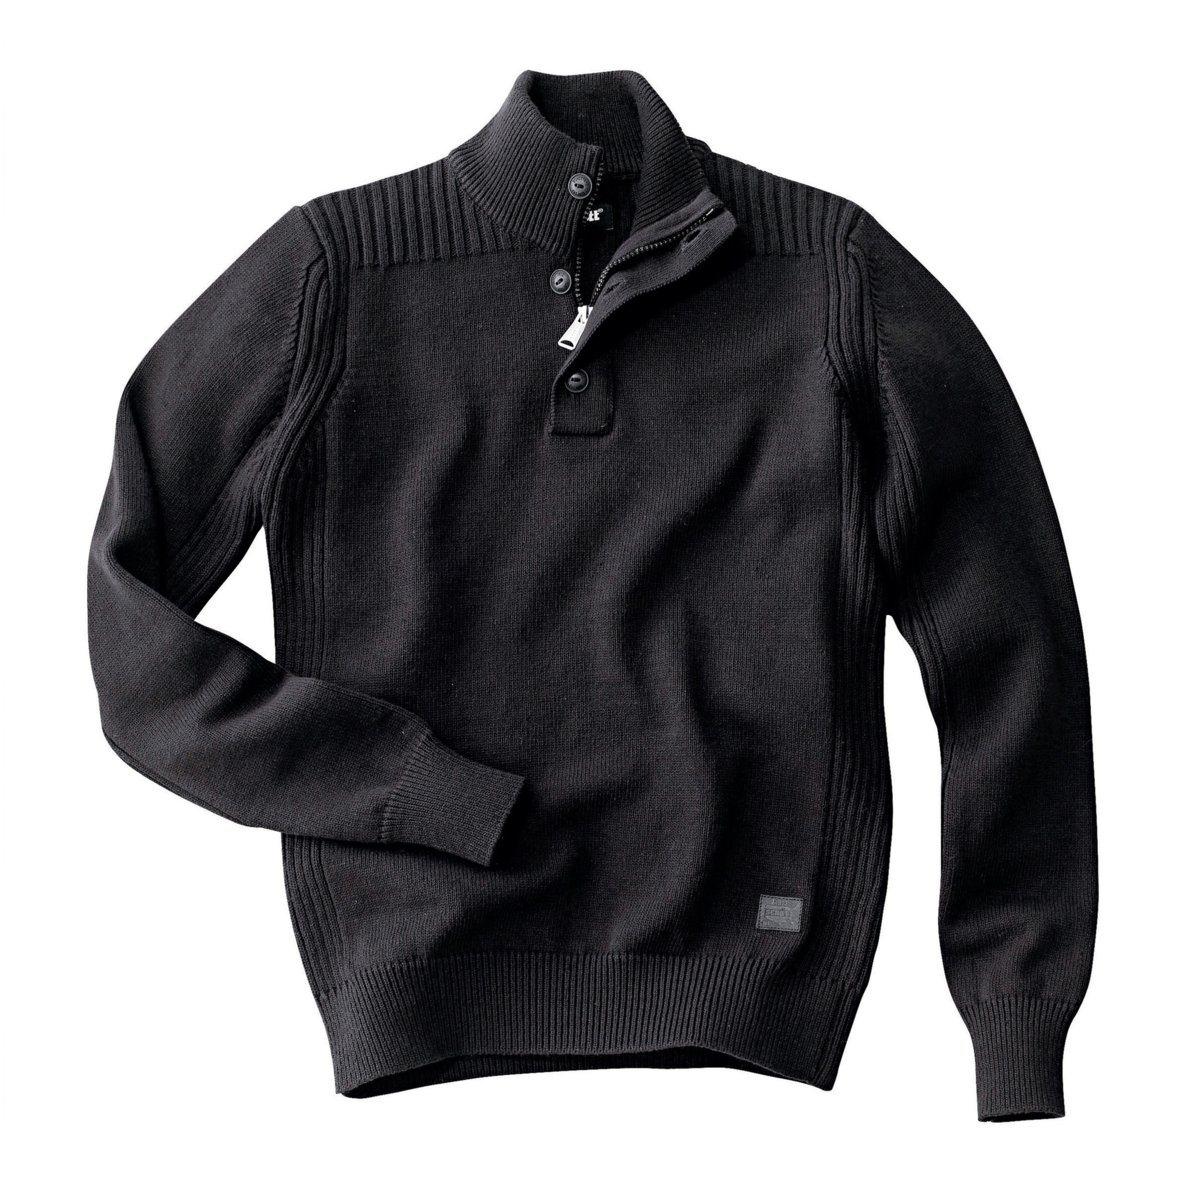 ПуловерПуловер Milford от SCHOTT. 50% хлопка, 50% акрила. Высокий воротник с застежкой на 3 пуговицы.<br><br>Цвет: серый меланж,черный